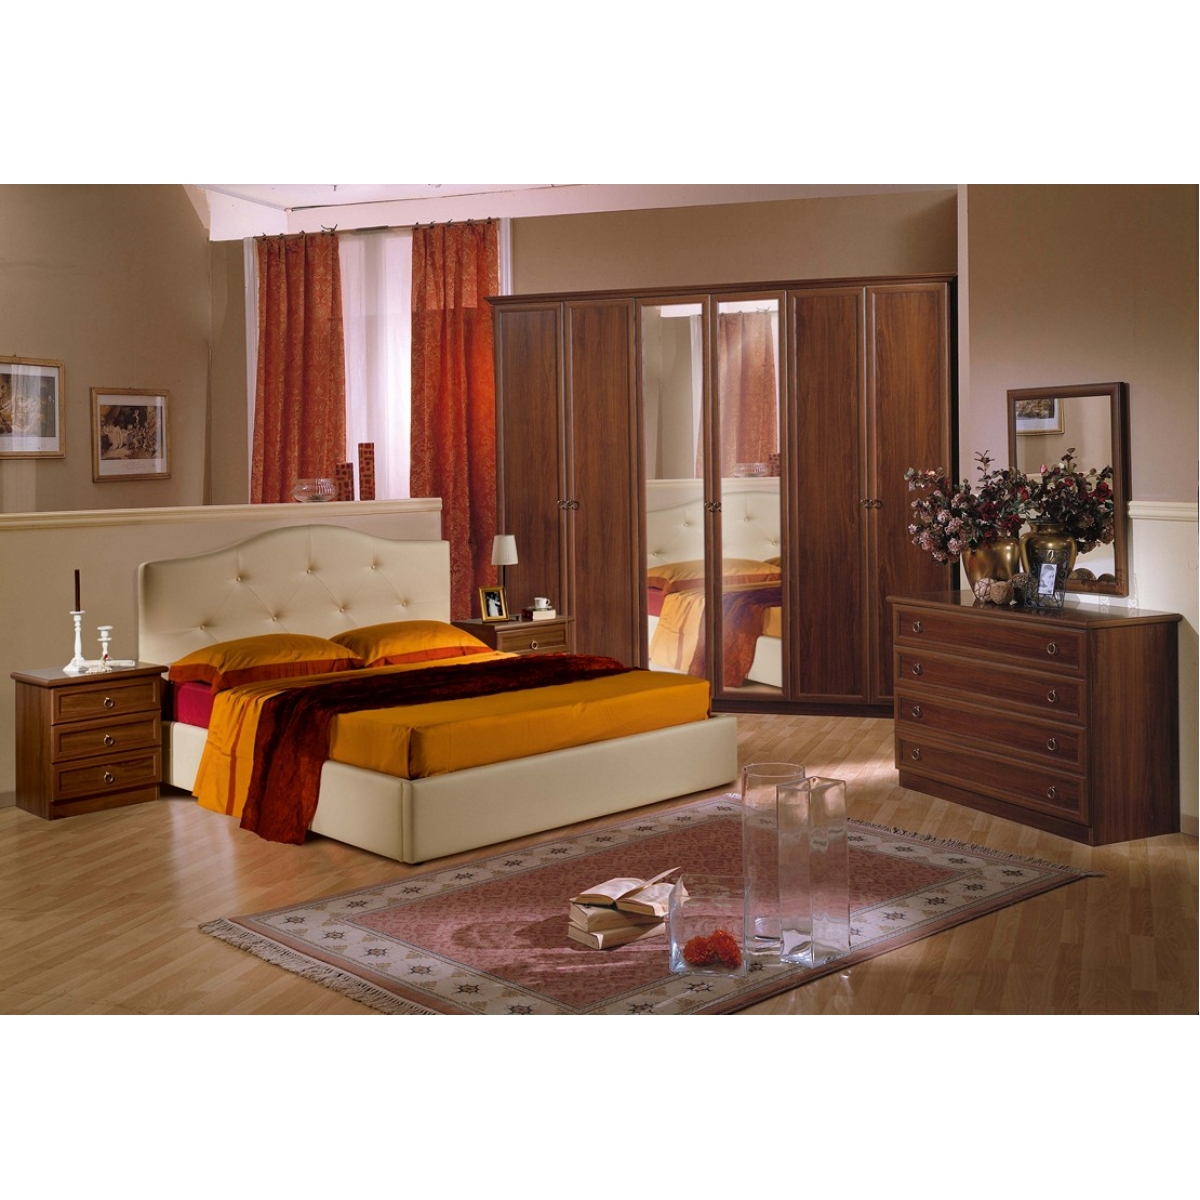 869 camera da letto classica noce letto contenitore for Greche adesive per camere da letto